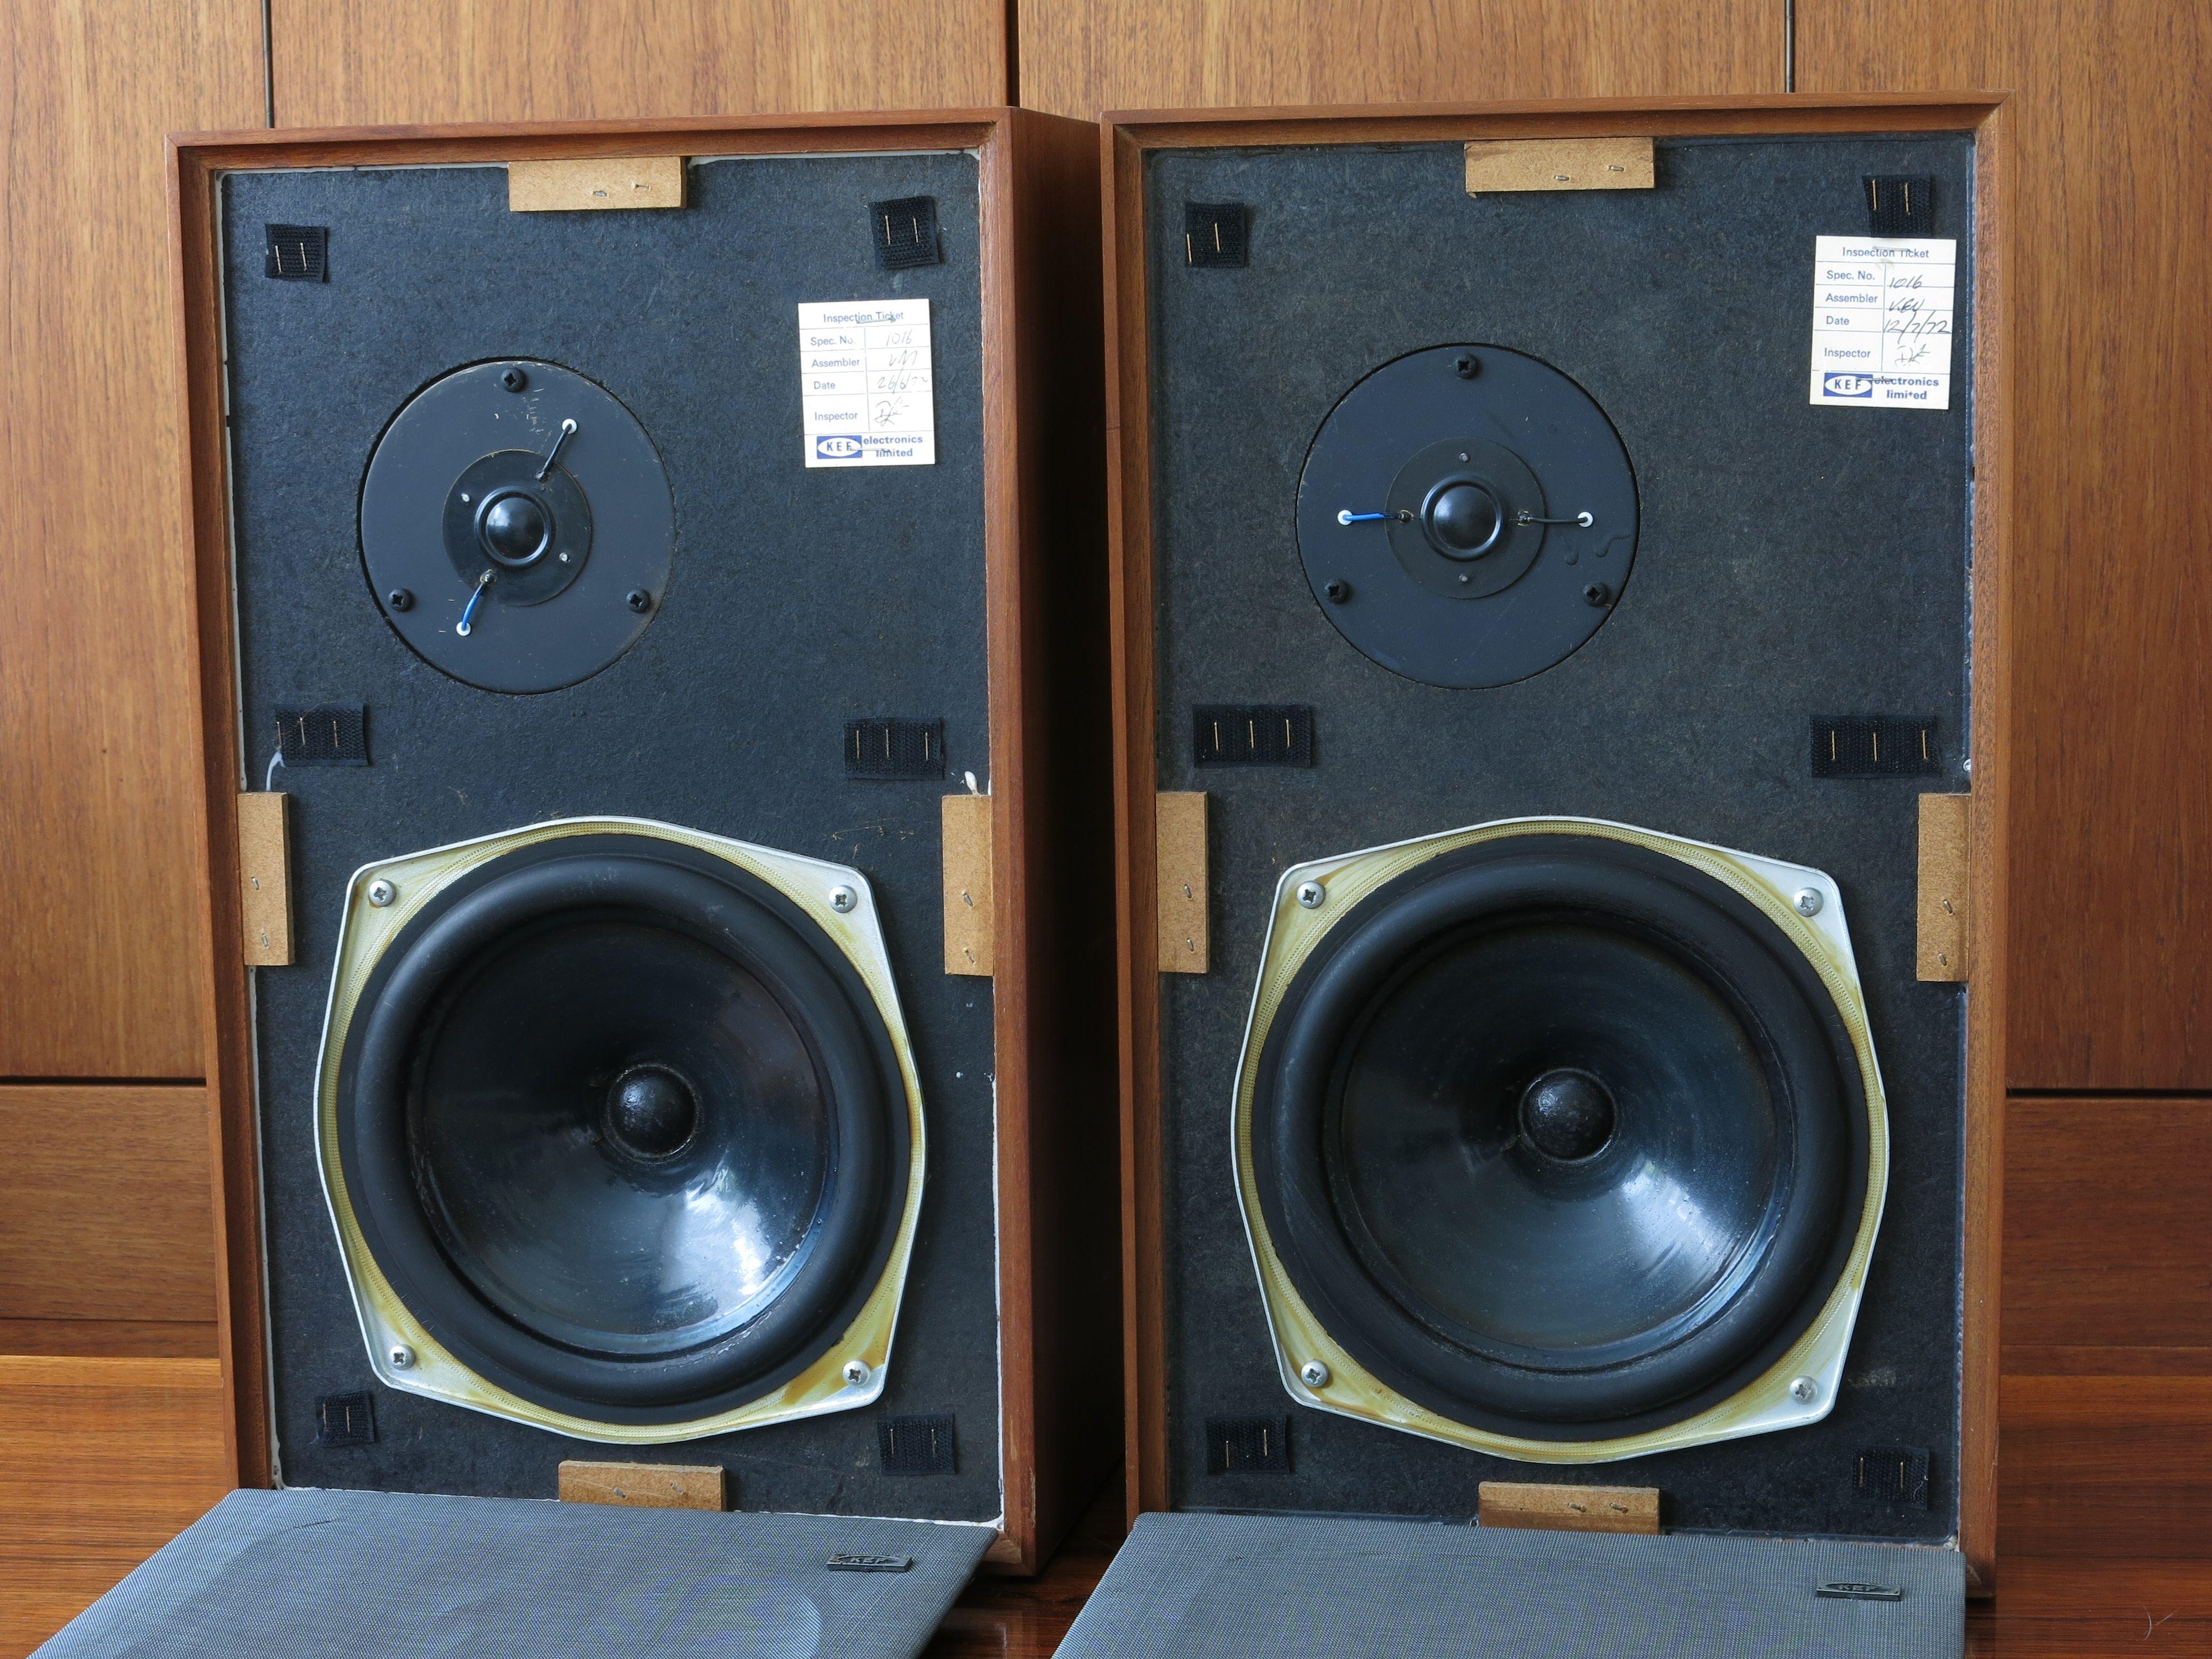 Vintage 1972 Kef Loudspeaker Boxes Model Chorale 1016 Old Badge Vintage Speakers Kef Noise Makers